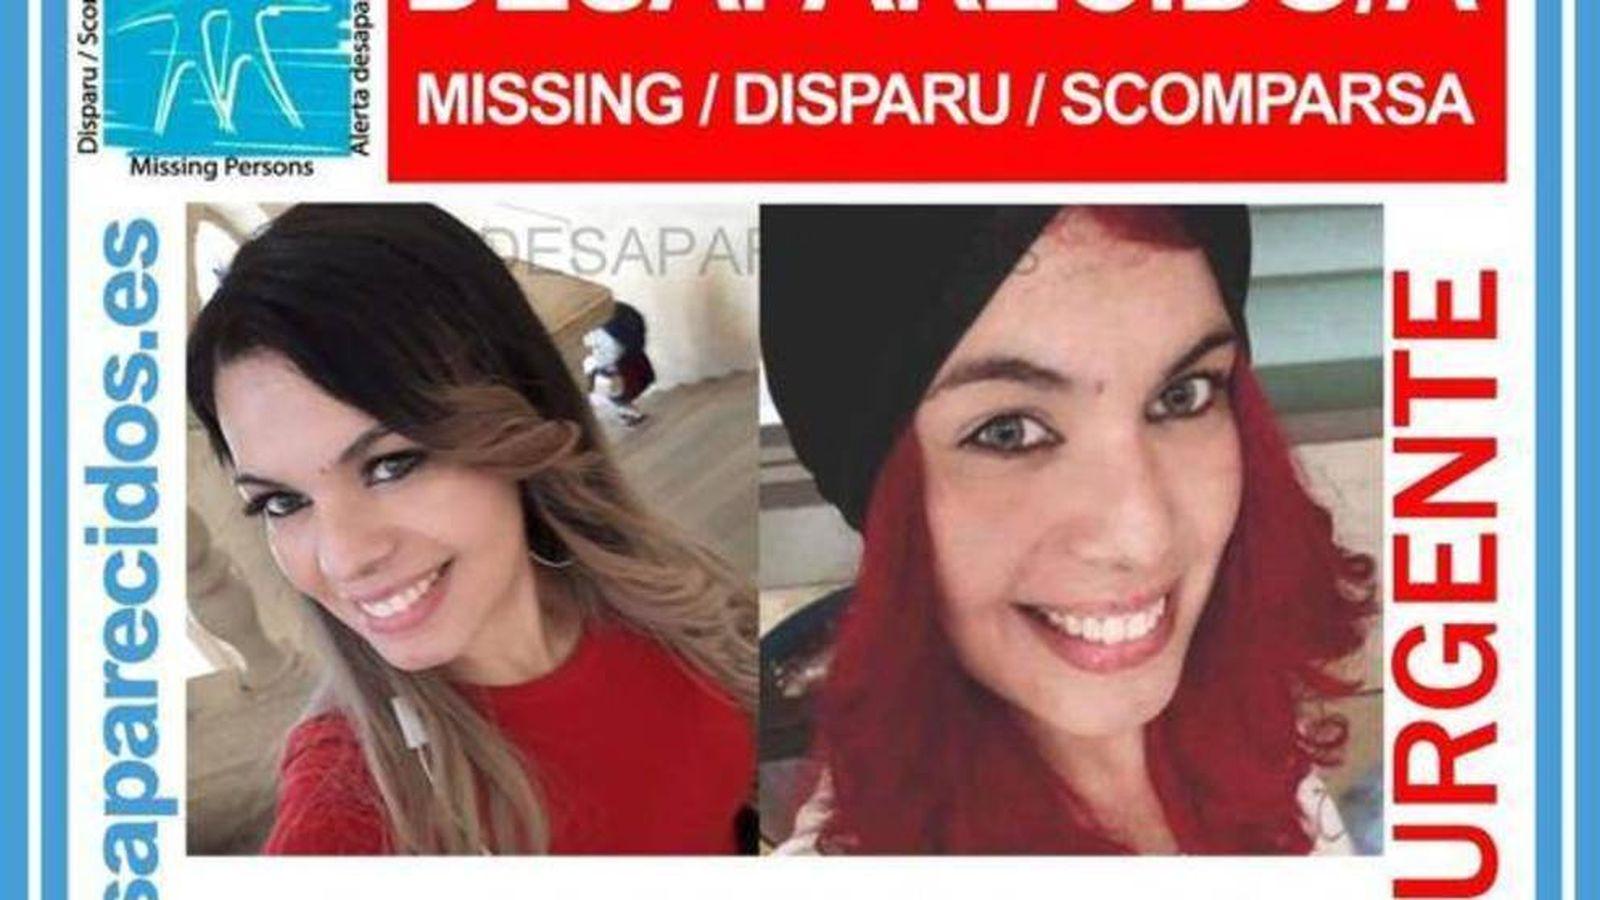 Foto: La Guardia Civil aún trata de esclarecer el caso de Romina Celeste, cuyo cuerpo no ha sido encontrado. (EC)